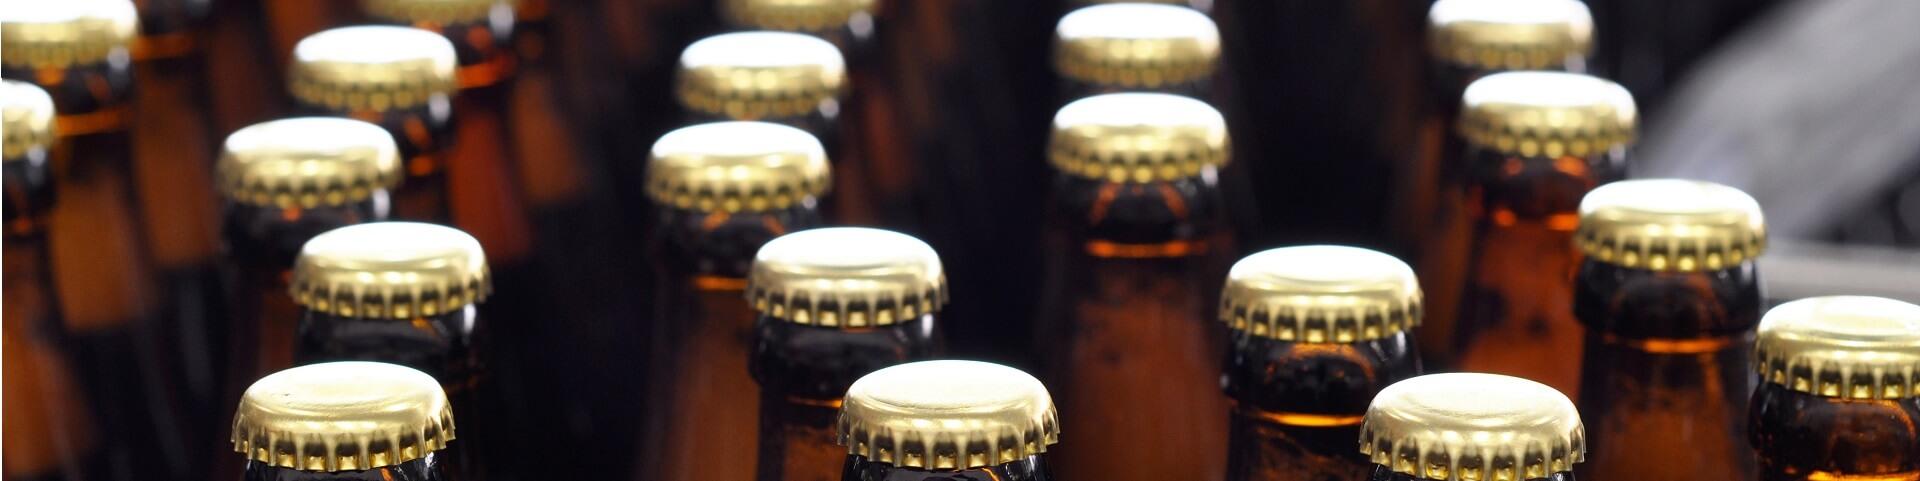 beer bottles 1920X480